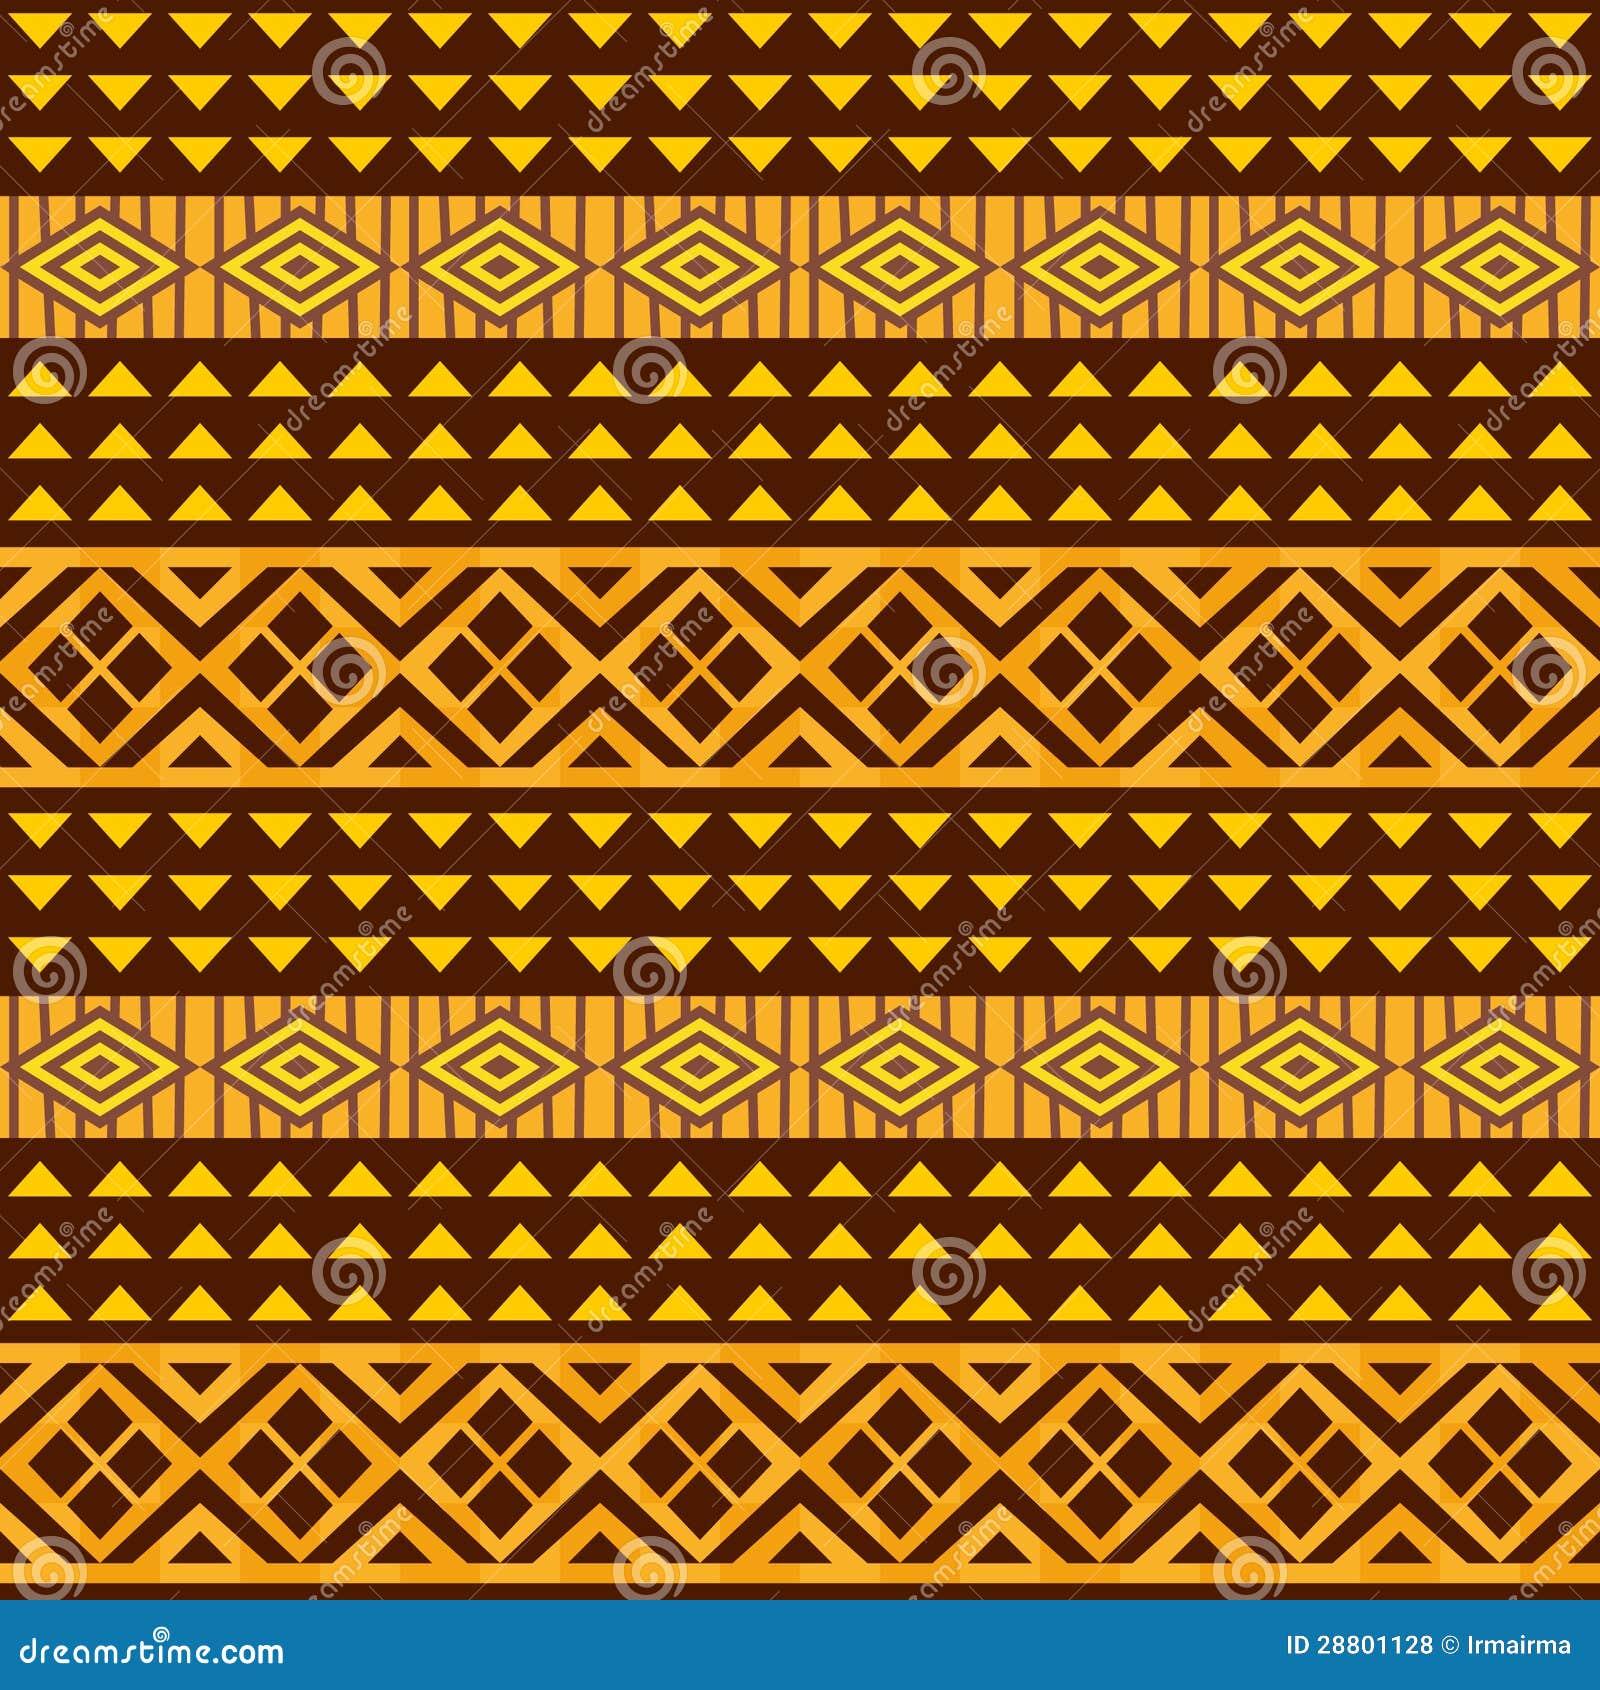 primitive wallpaper border